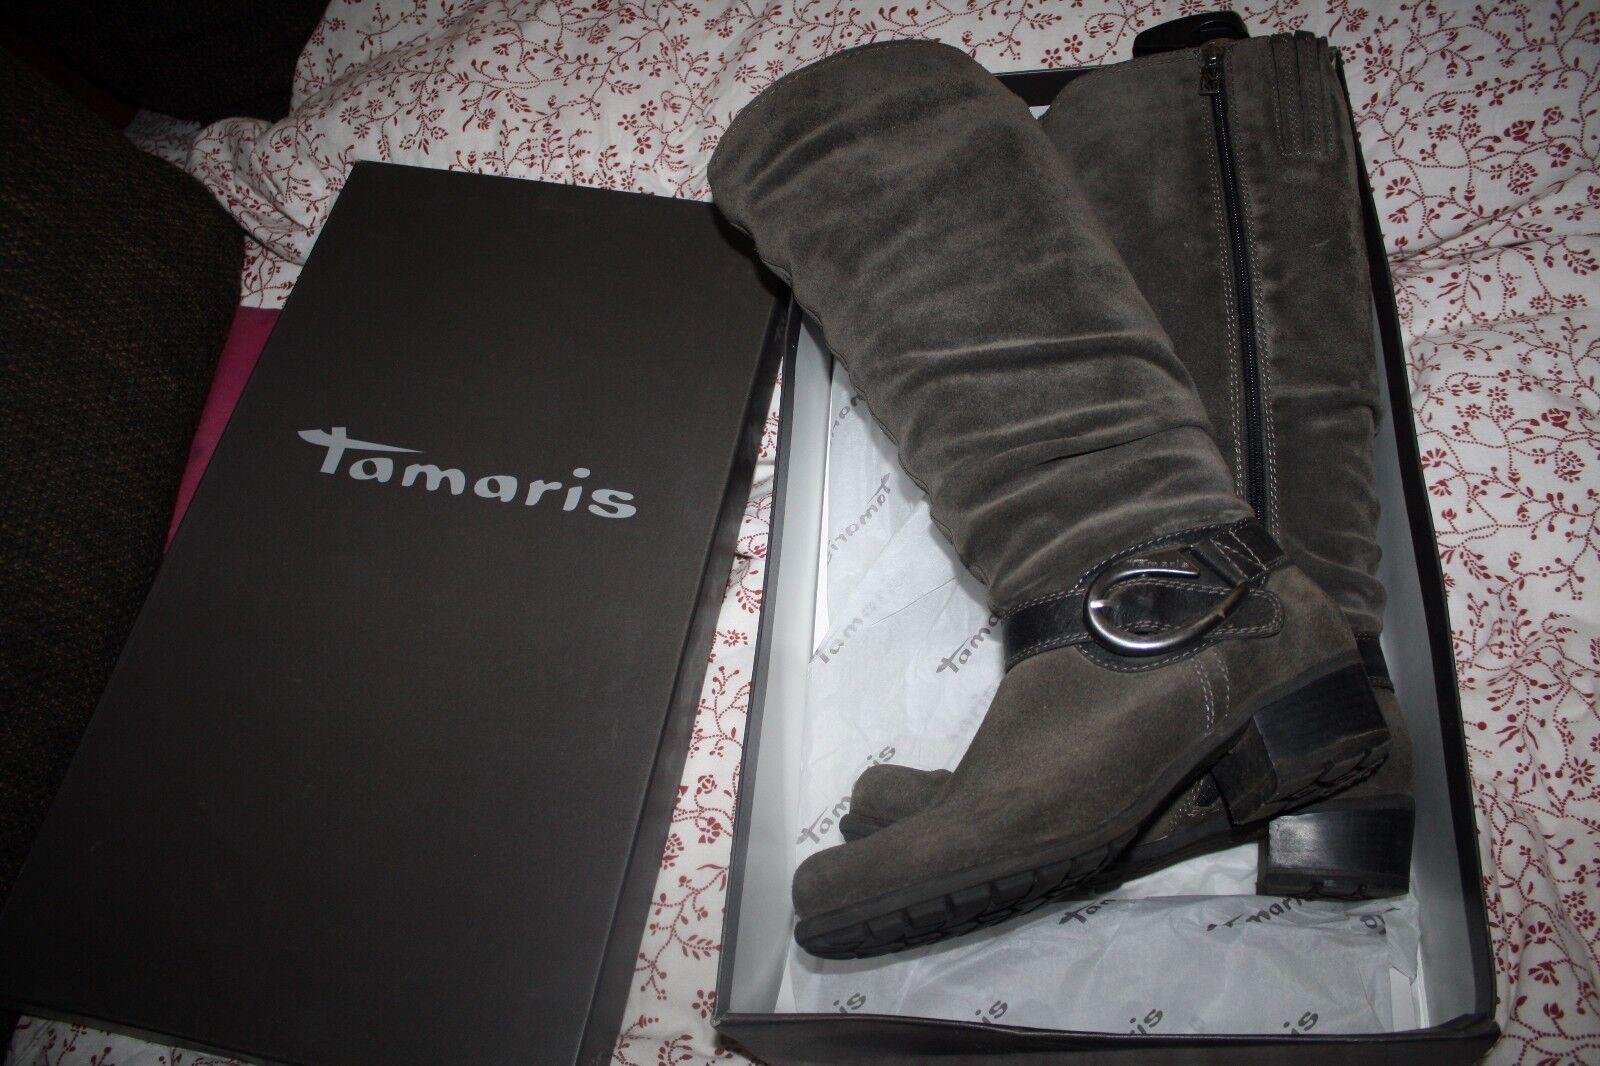 Tamaris Wildeder Stiefel 39 grau Boots Blogger Biker Bottes Schlupfstiefel